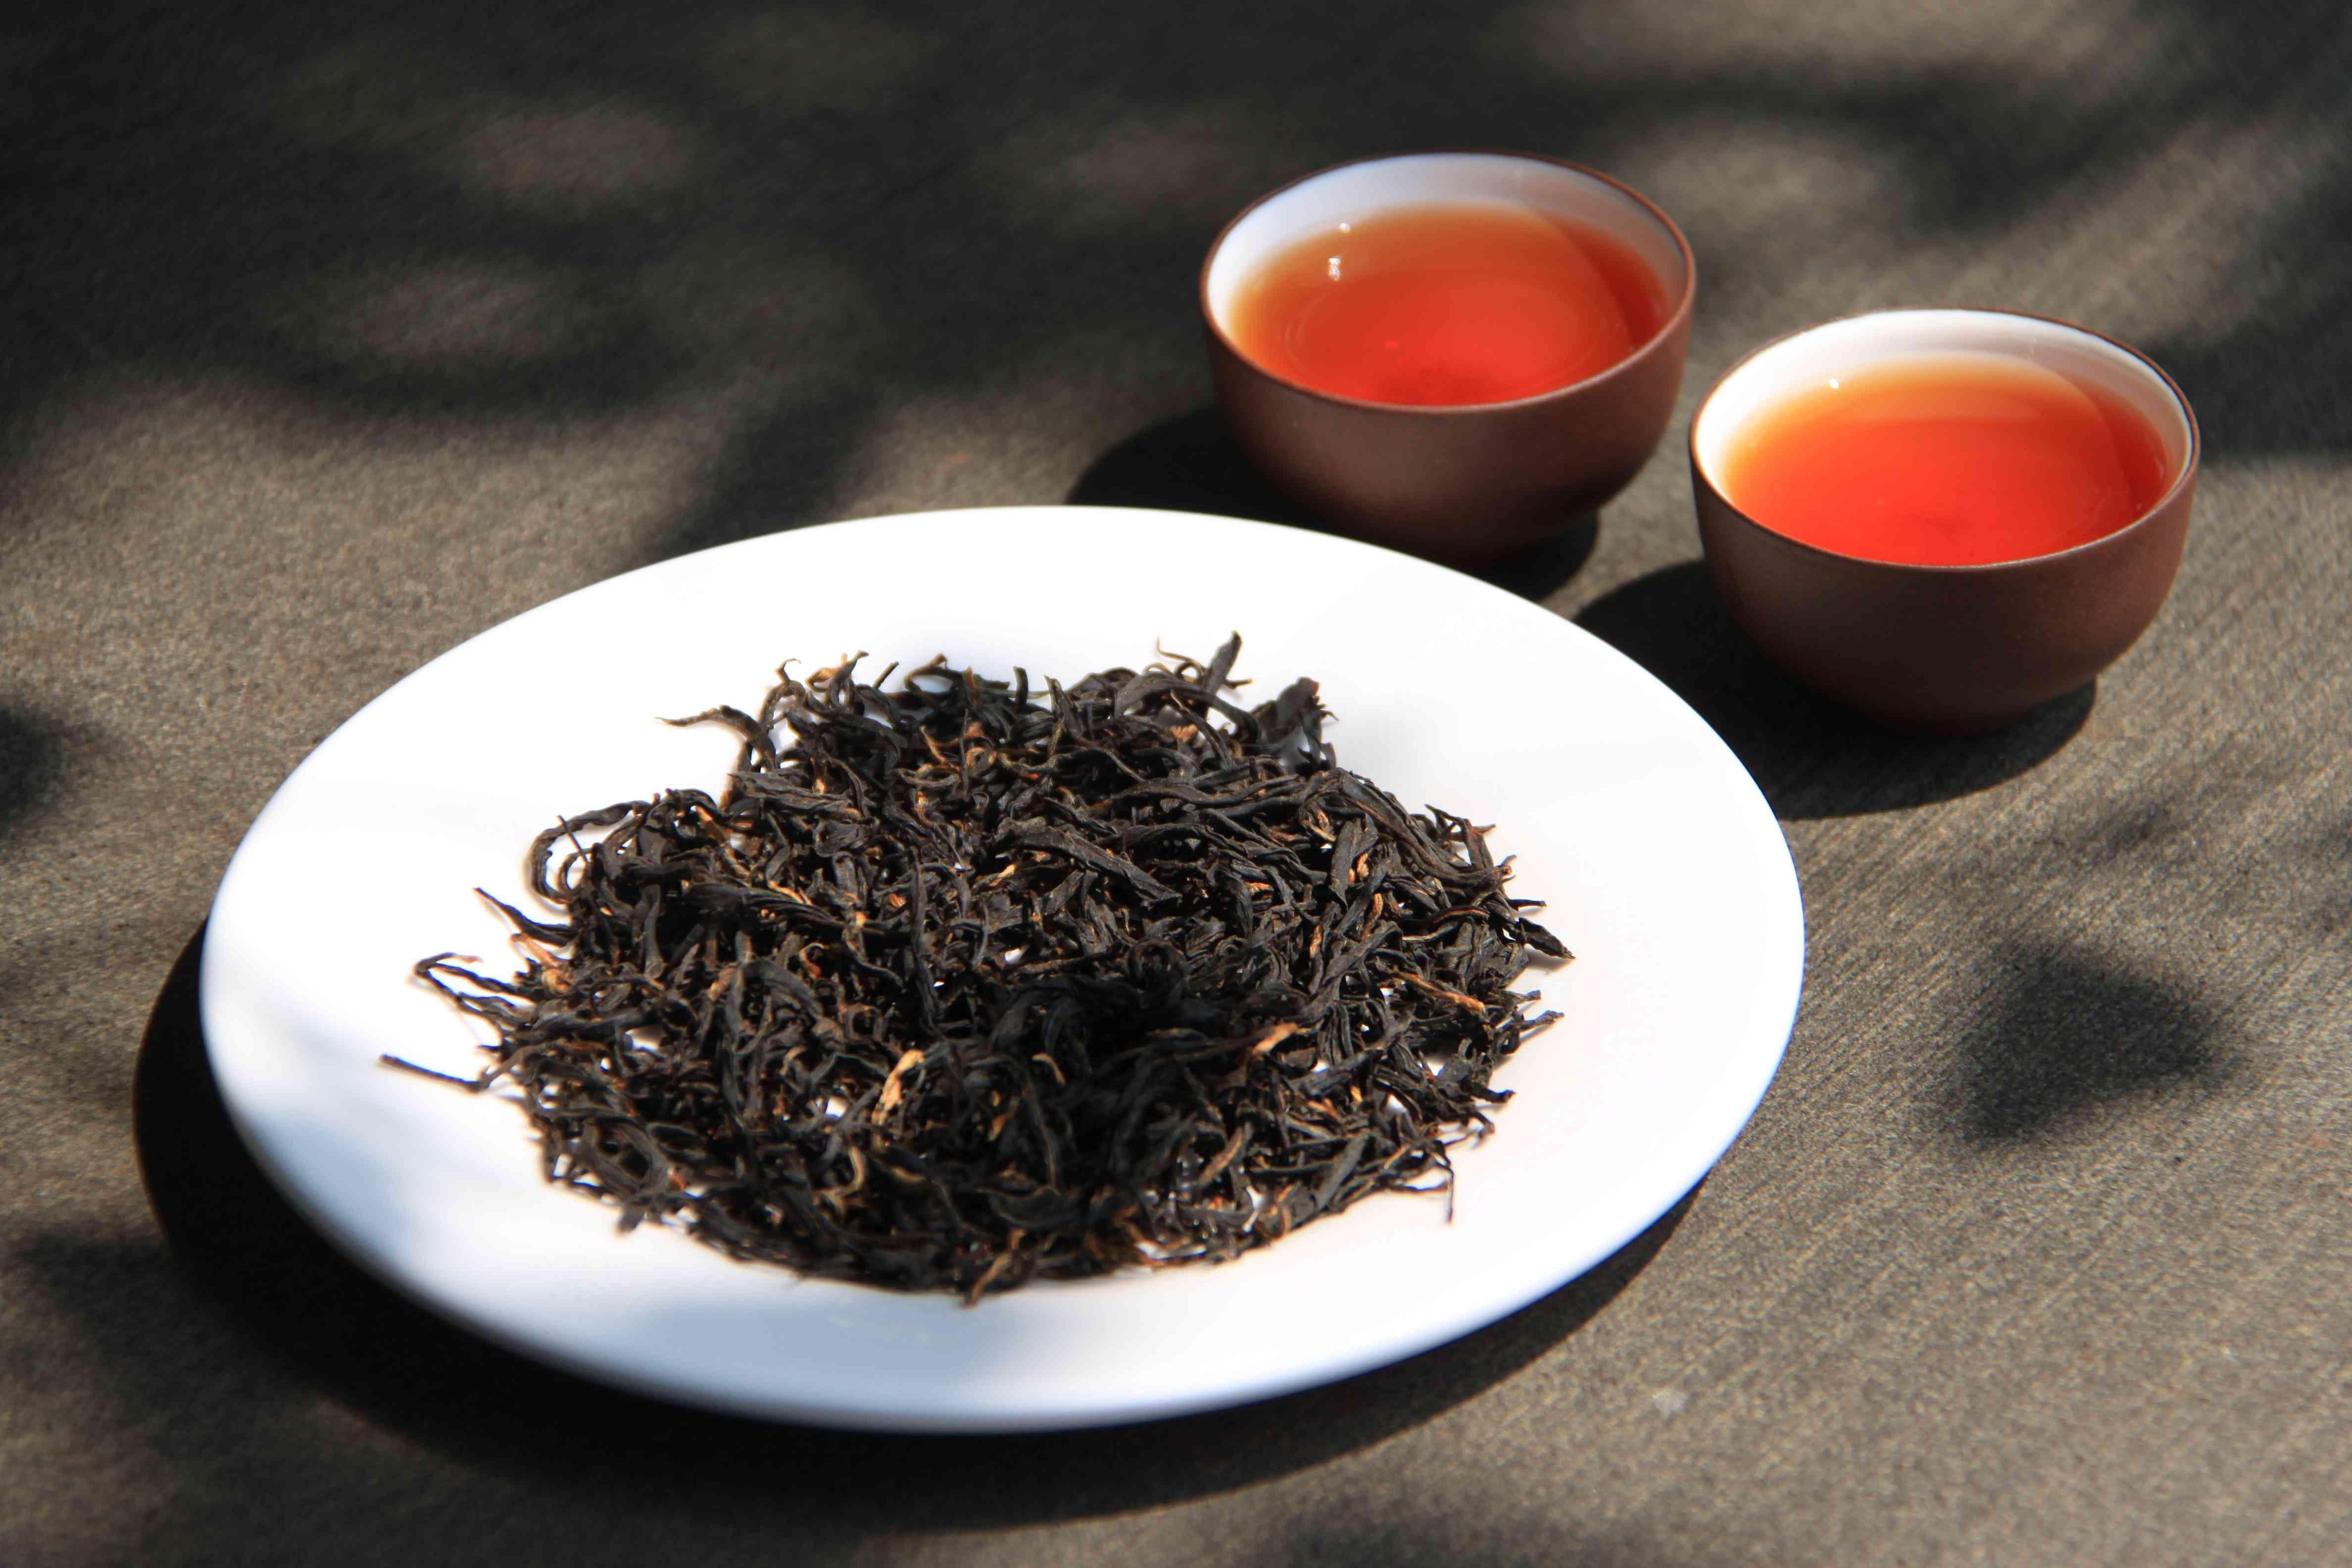 两杯红茶的图片